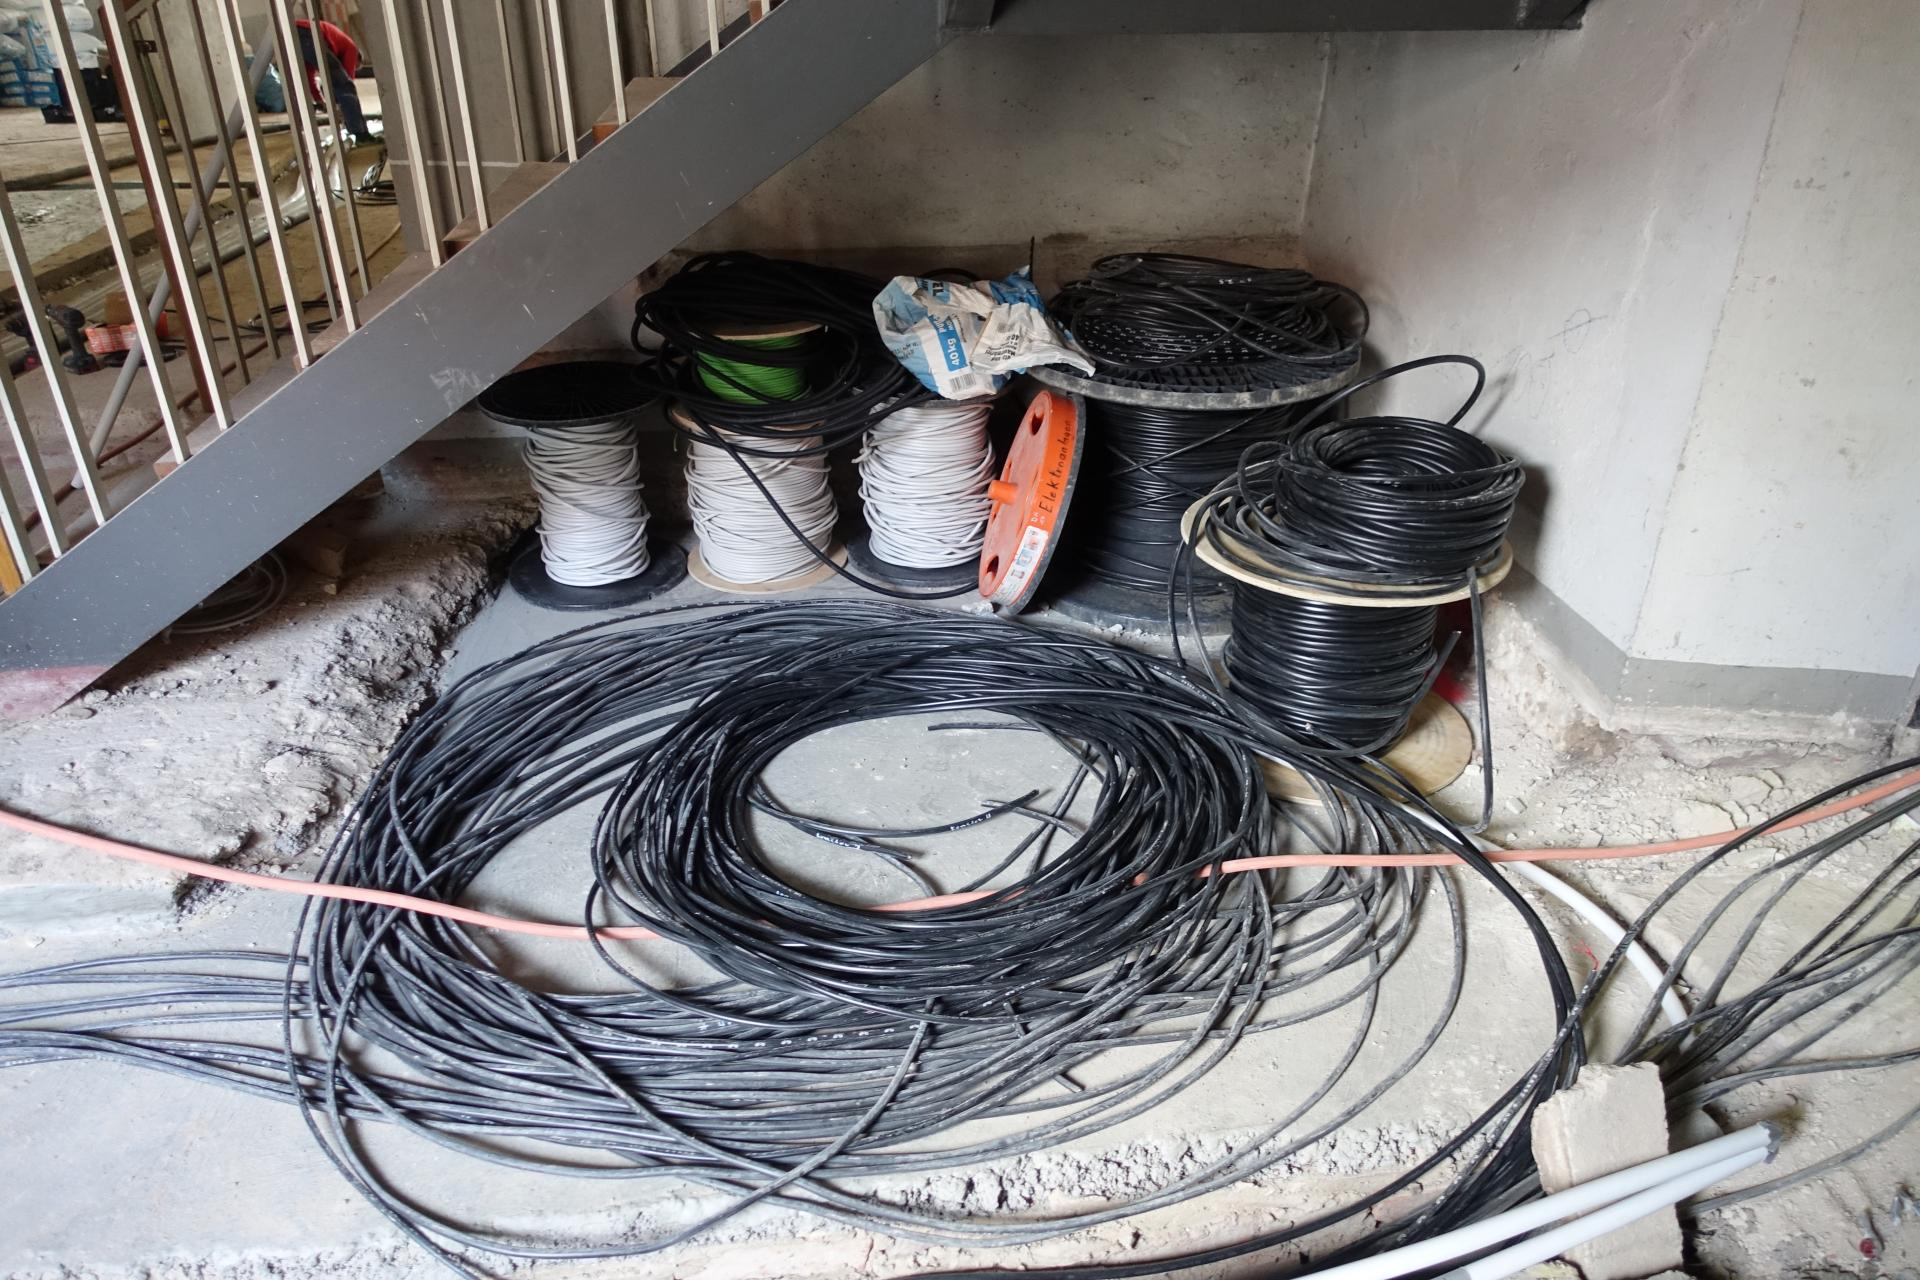 Bild 805 zeigt einen Teil der Kabel- es werden ca. 8 km in der Kirche verlegt